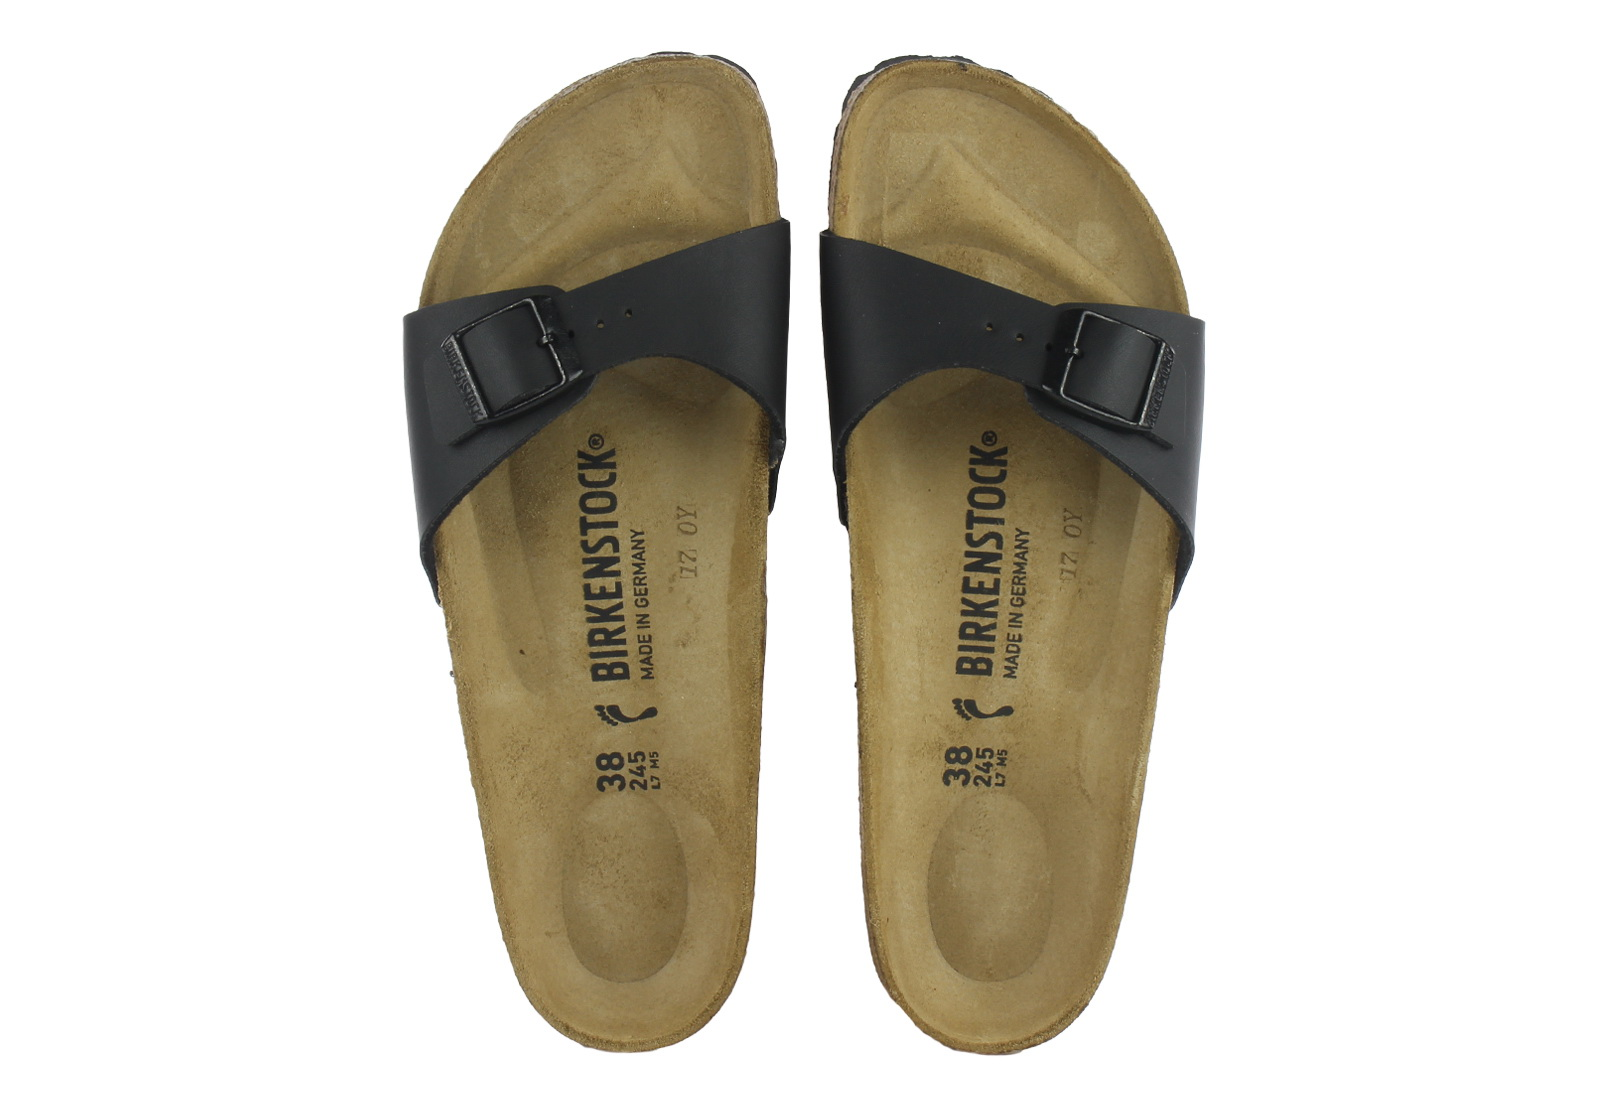 birkenstock slippers madrid 040793 blk online shop. Black Bedroom Furniture Sets. Home Design Ideas